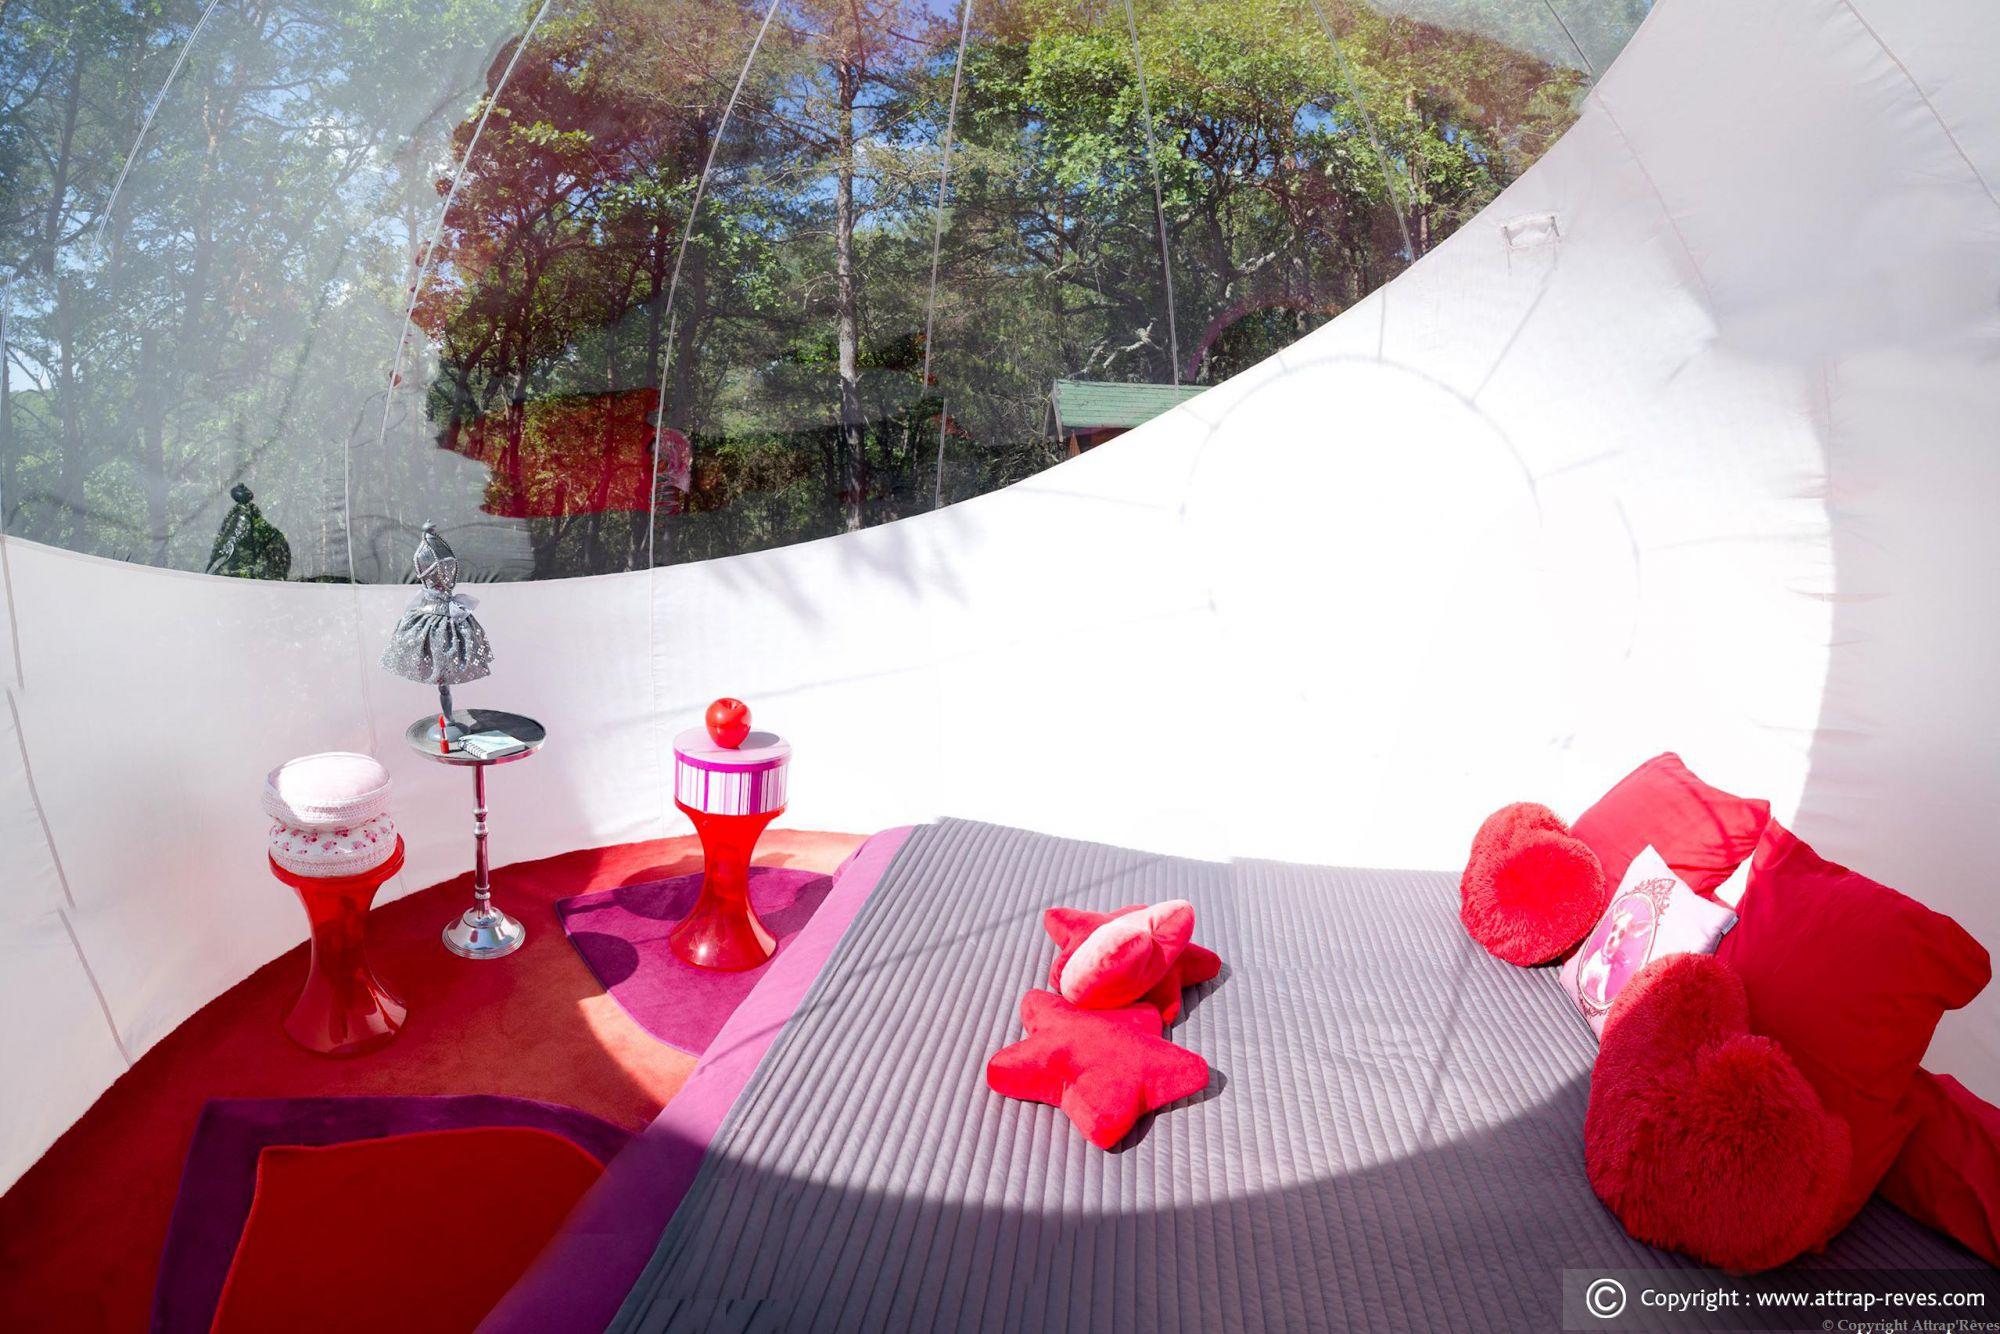 dormir dans une bulle attrap 39 r ves montagnac montpezat pour une nuit insolite en couple. Black Bedroom Furniture Sets. Home Design Ideas